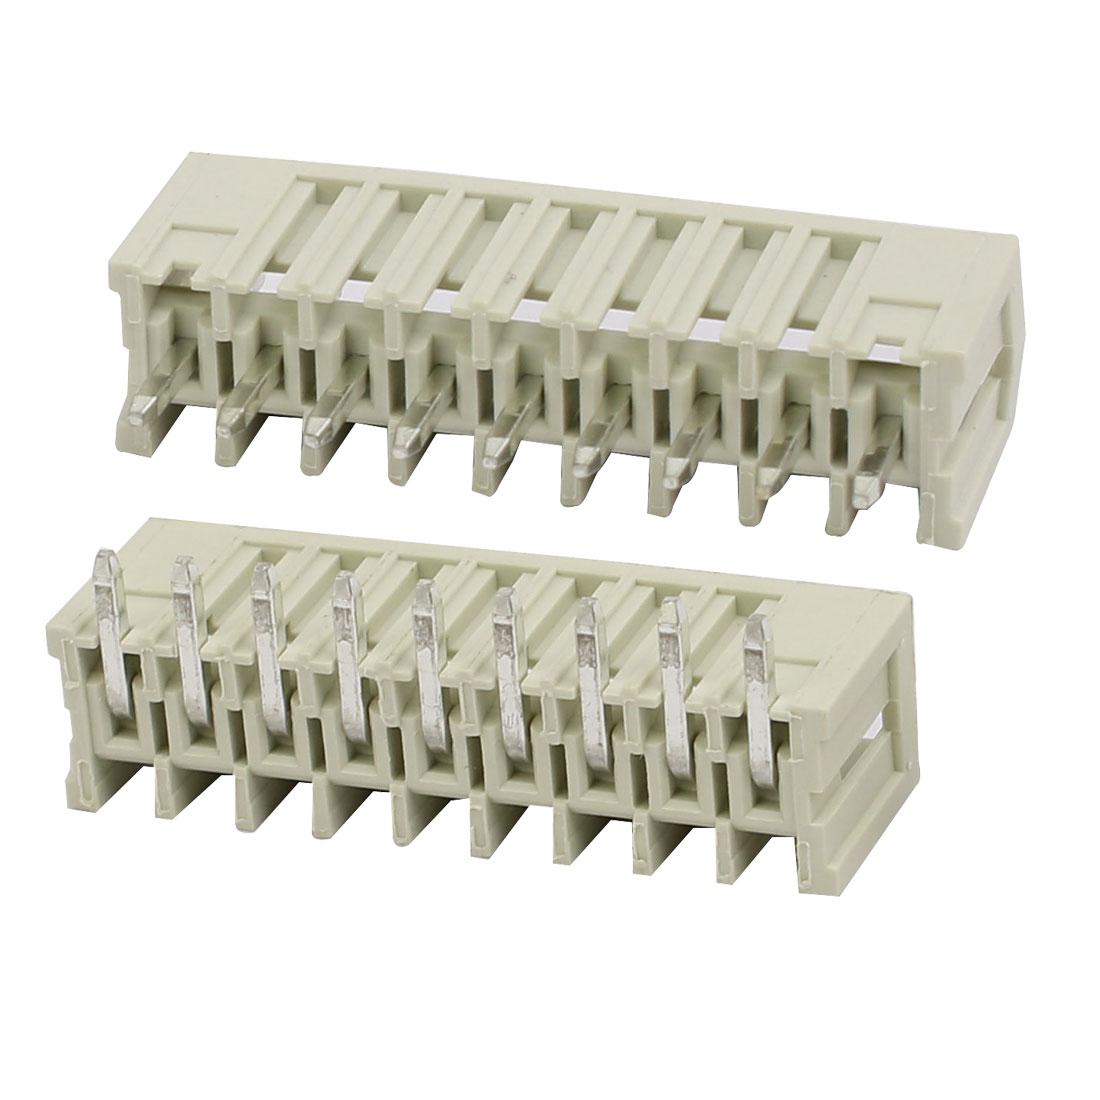 9 Pole PCB 3.5 Pitch 250V 10A Box Header MCS Connectors Pair